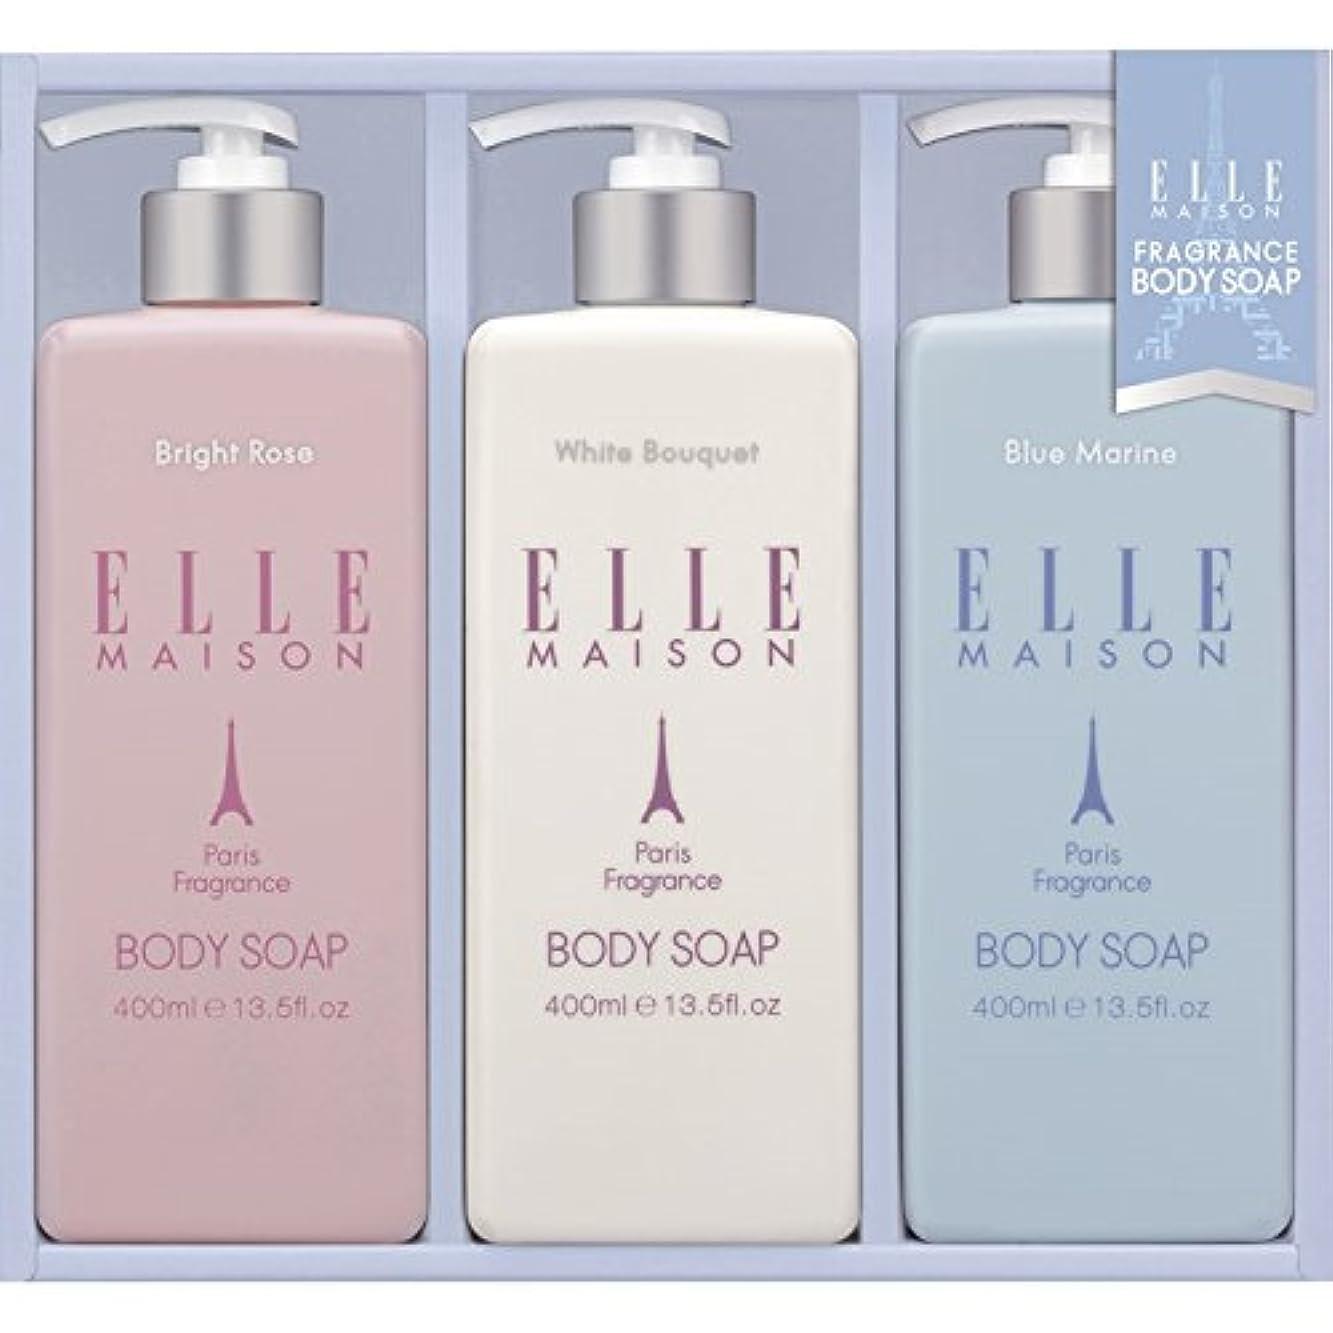 最初どこでも反抗ELLE MAISON ボディソープギフト EBS-15 【保湿 いい匂い うるおい 液体 しっとり 良い香り やさしい 女性 贅沢 全身 美肌 詰め合わせ お風呂 バスタイム 洗う 美容】